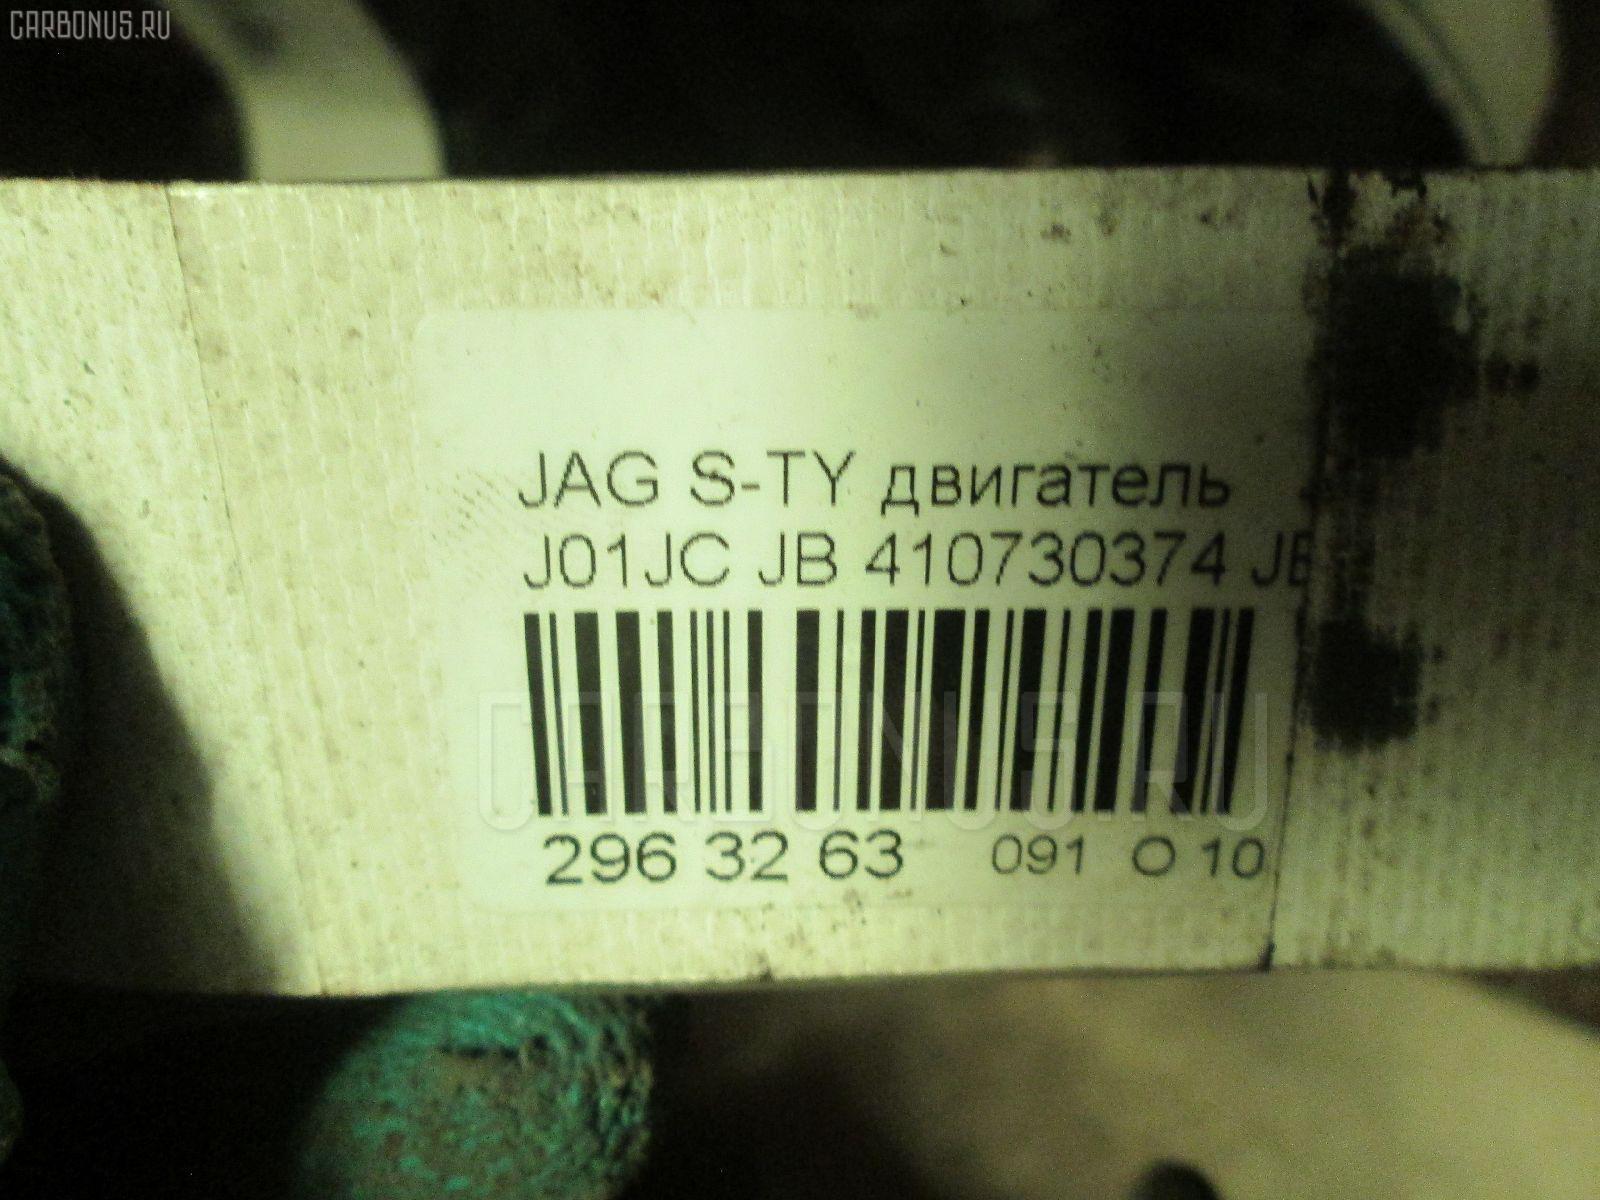 Двигатель JAGUAR S-TYPE J01JC JB Фото 5